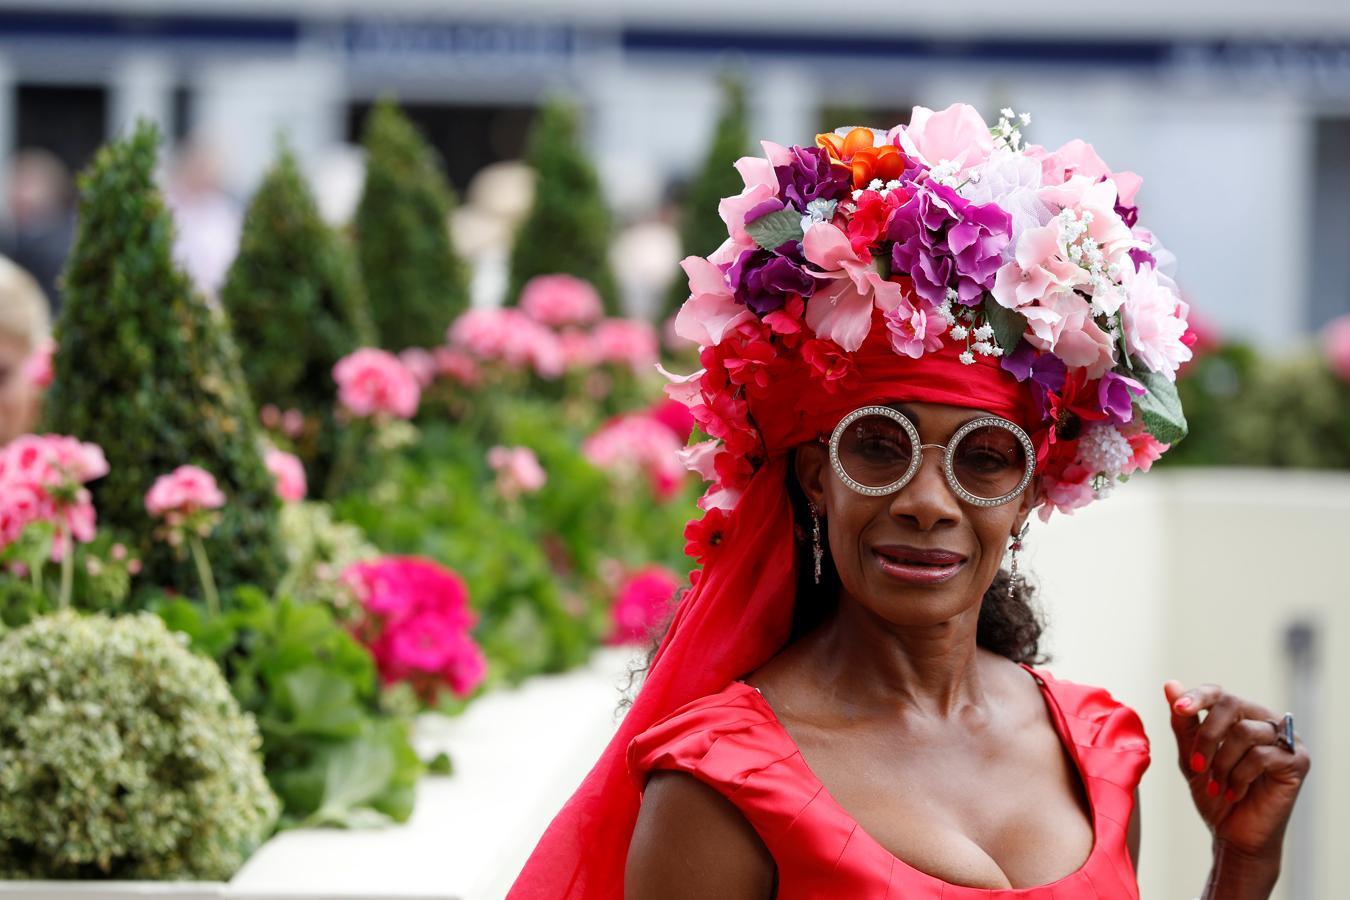 El mundo se paraliza cada año para admirar los espectaculares sombreros, de todas las formas, tamaños y colores, que lucen las invitadas a esta cita hípica